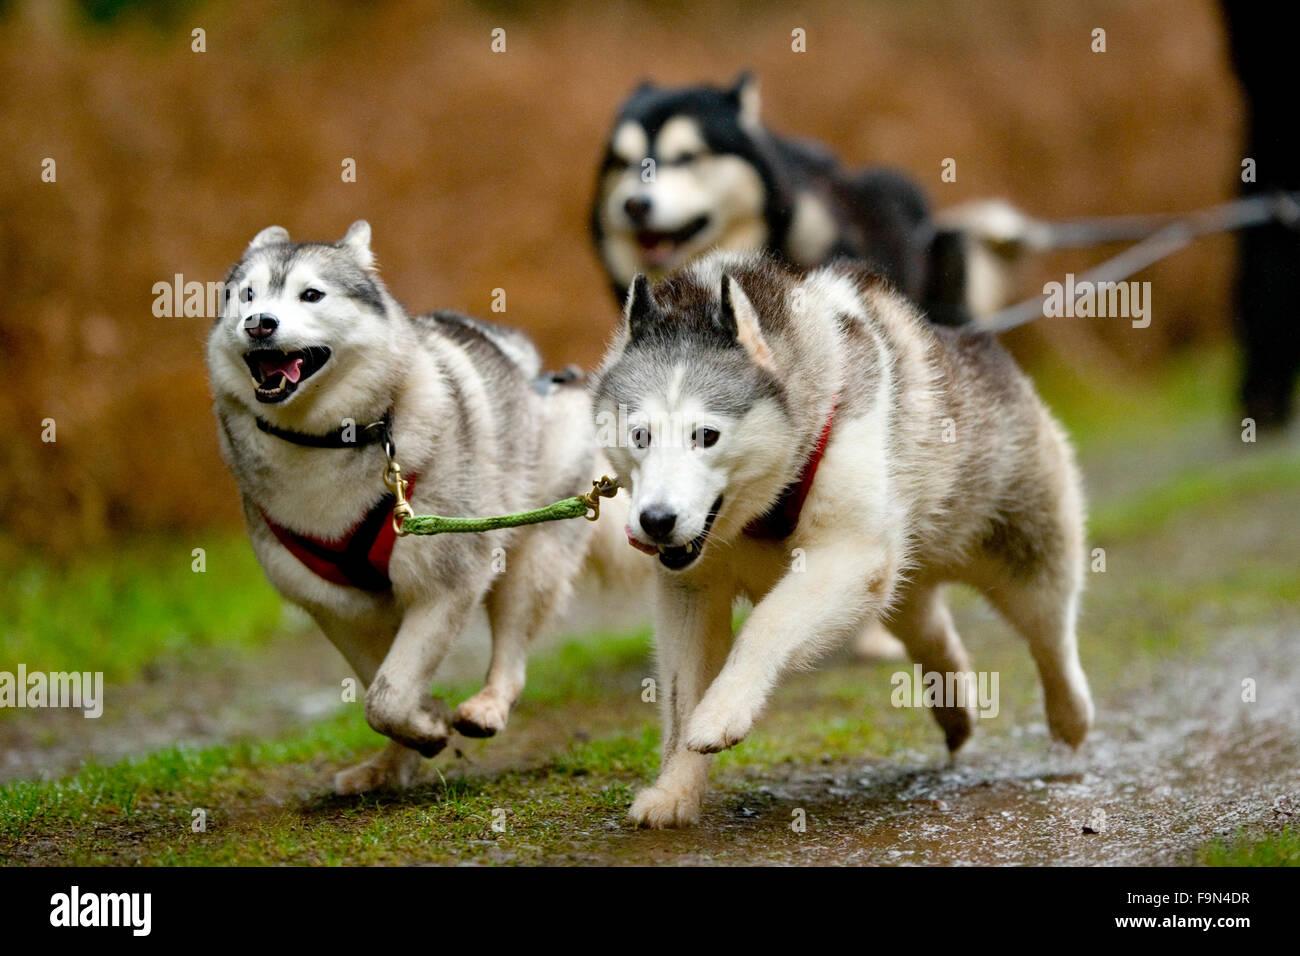 drei Alaskan Malamutes ziehen eine Rig in einem Rennen Stockbild